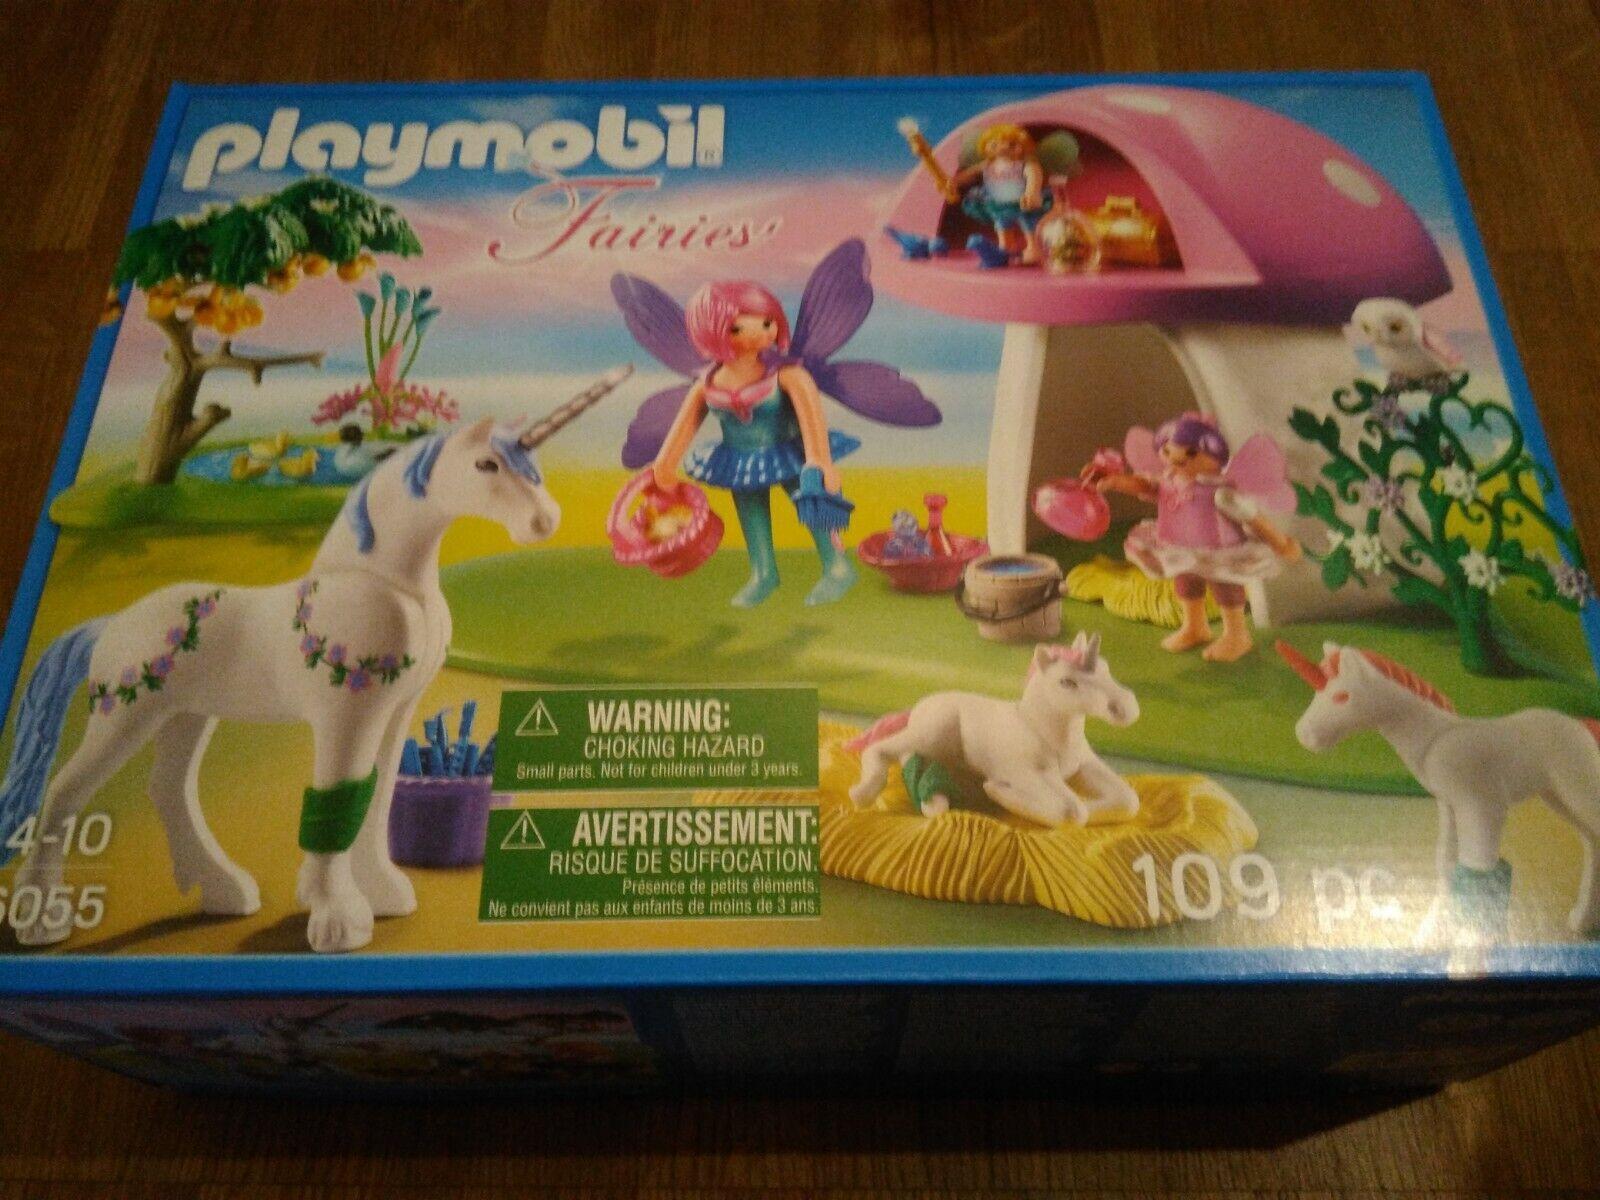 Playmobil ® Fairies 6055 Feenwäldchen mit Einhornpflege - *NEU*